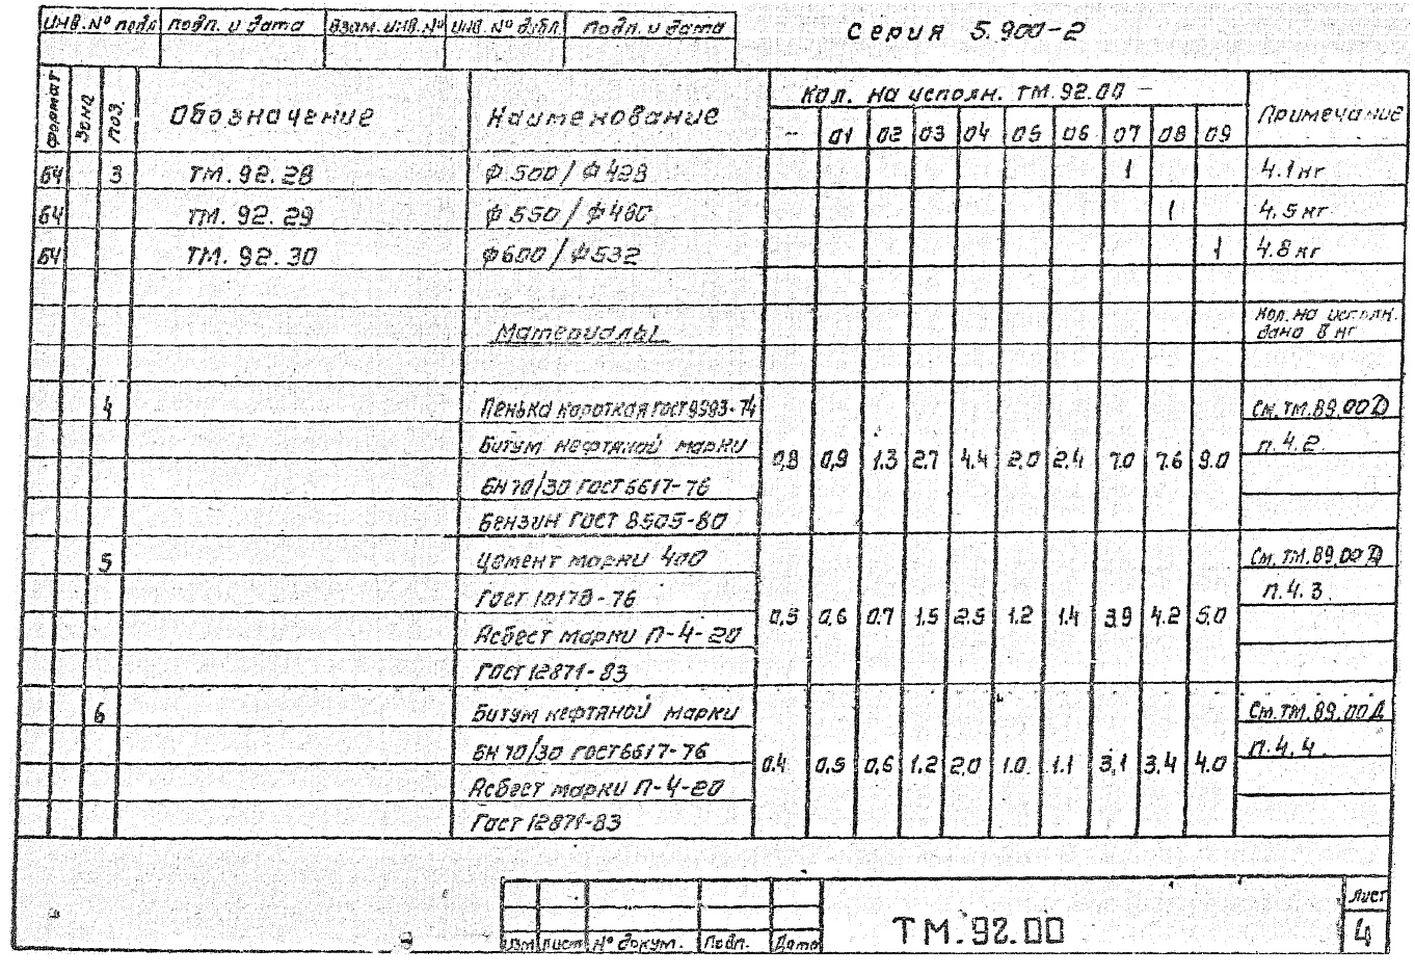 Сальники набивные ТМ.92.00 серия 5.900-2 стр.5